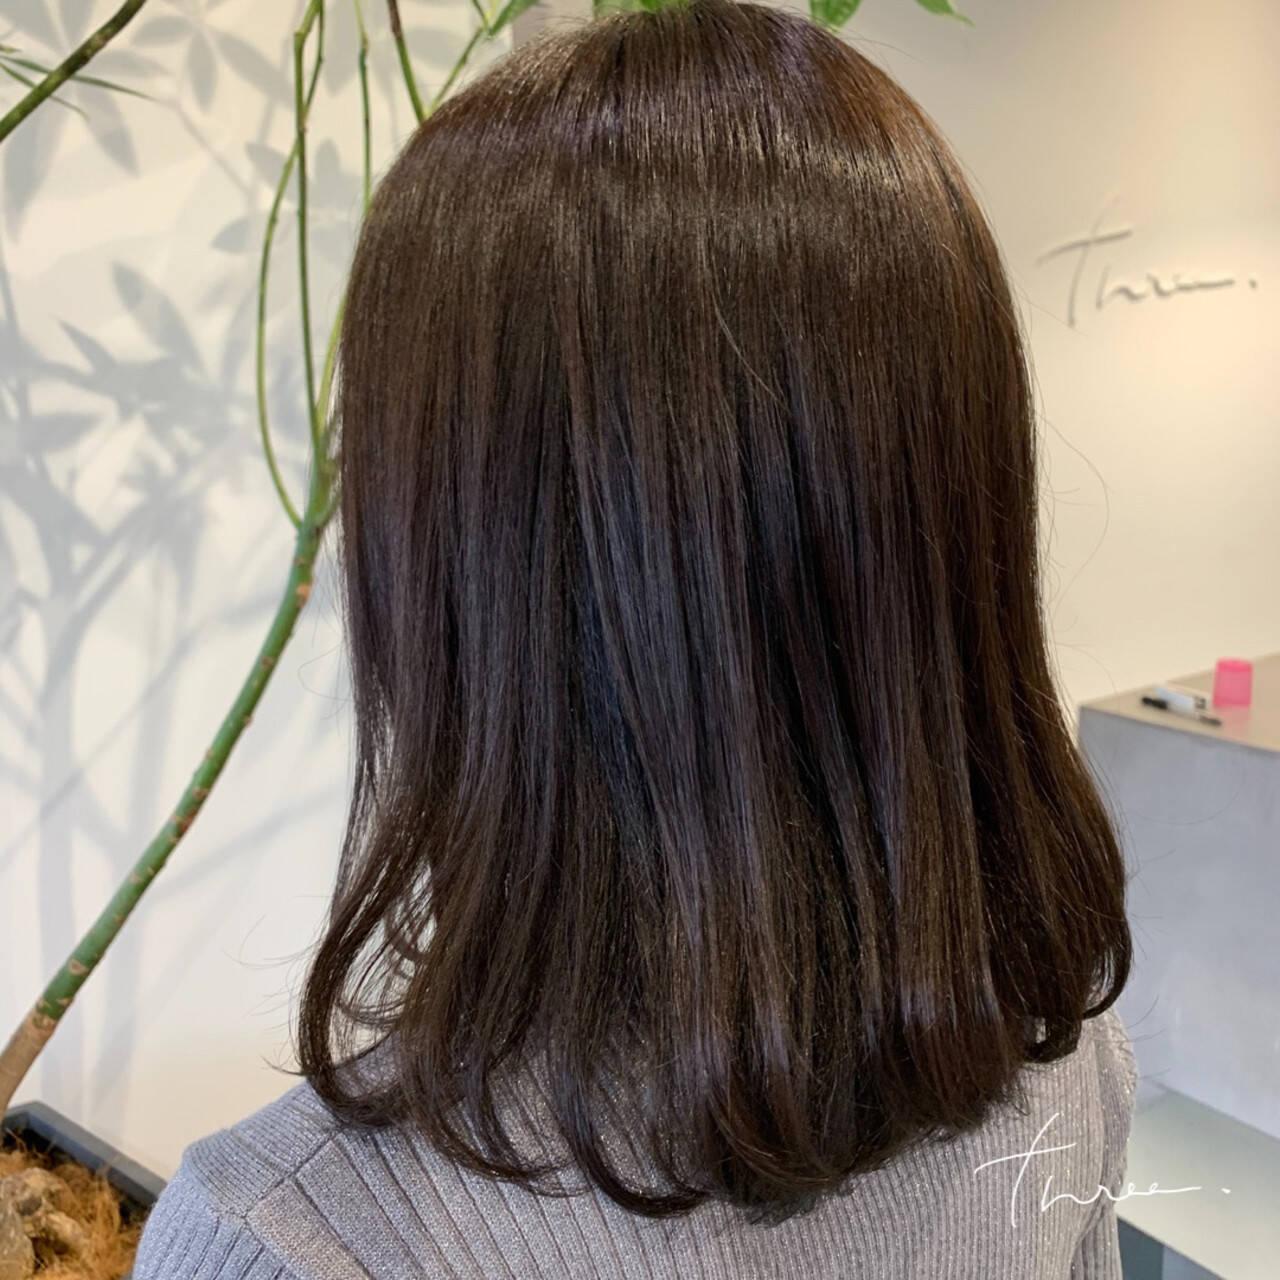 デジタルパーマ ワンカールパーマ ナチュラル ミディアムヘアスタイルや髪型の写真・画像